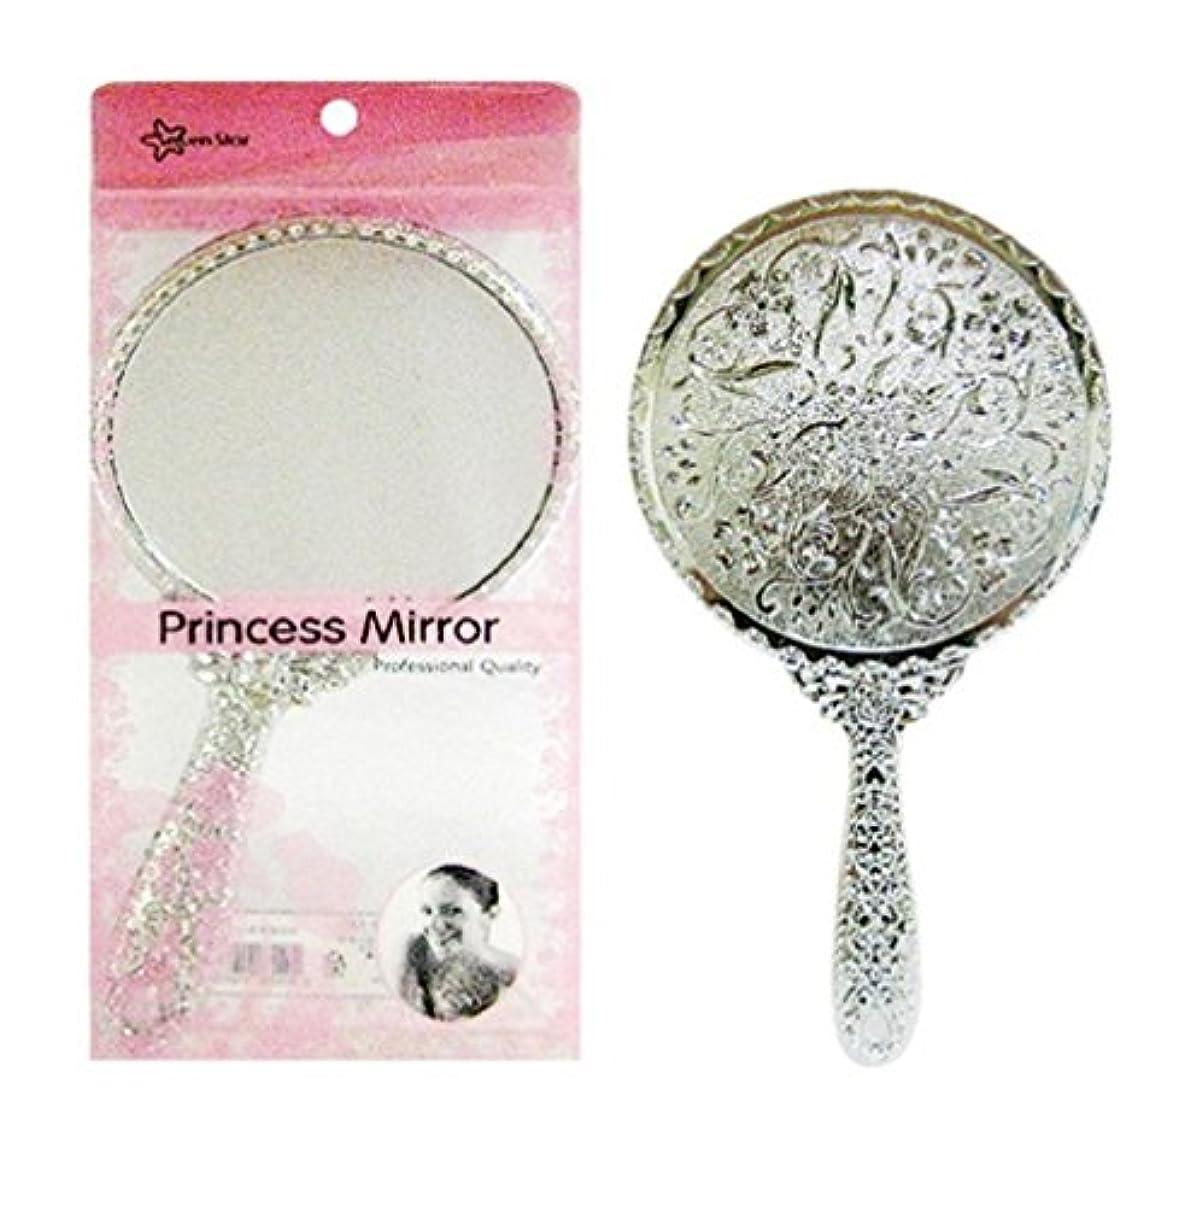 印をつける流星判定送料無料 持ち歩きサイズ 丸型 鏡 キラキラお姫様ミラー メッキハンドミラー シルバー 装飾鏡